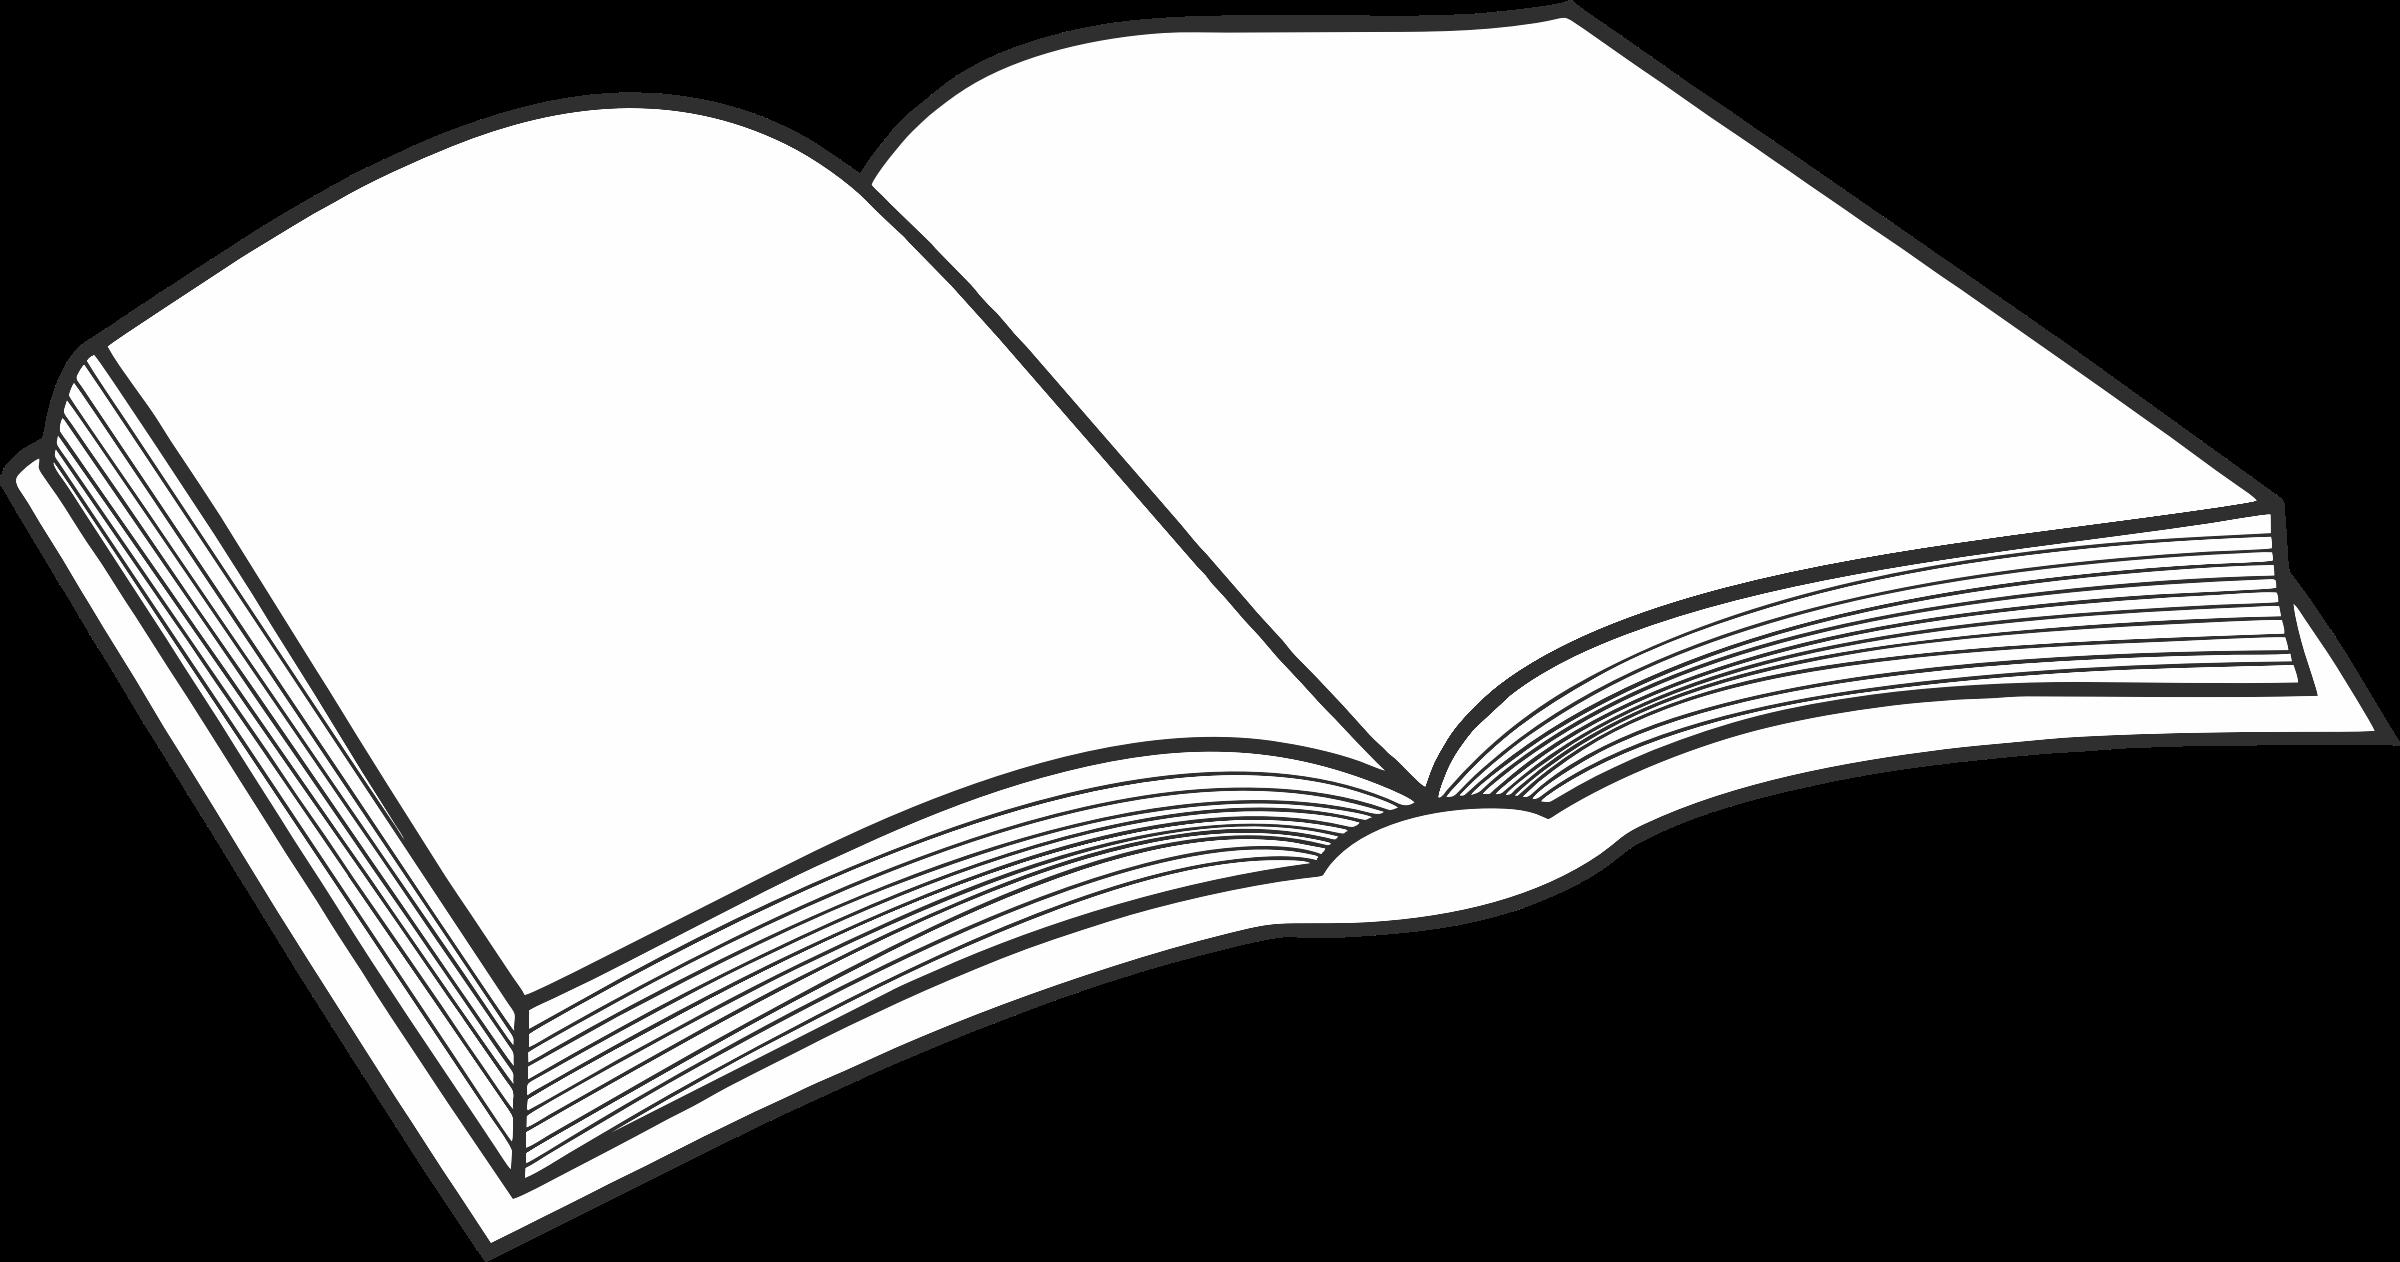 Big clipart open book, Big open book Transparent FREE for ... (2400 x 1262 Pixel)